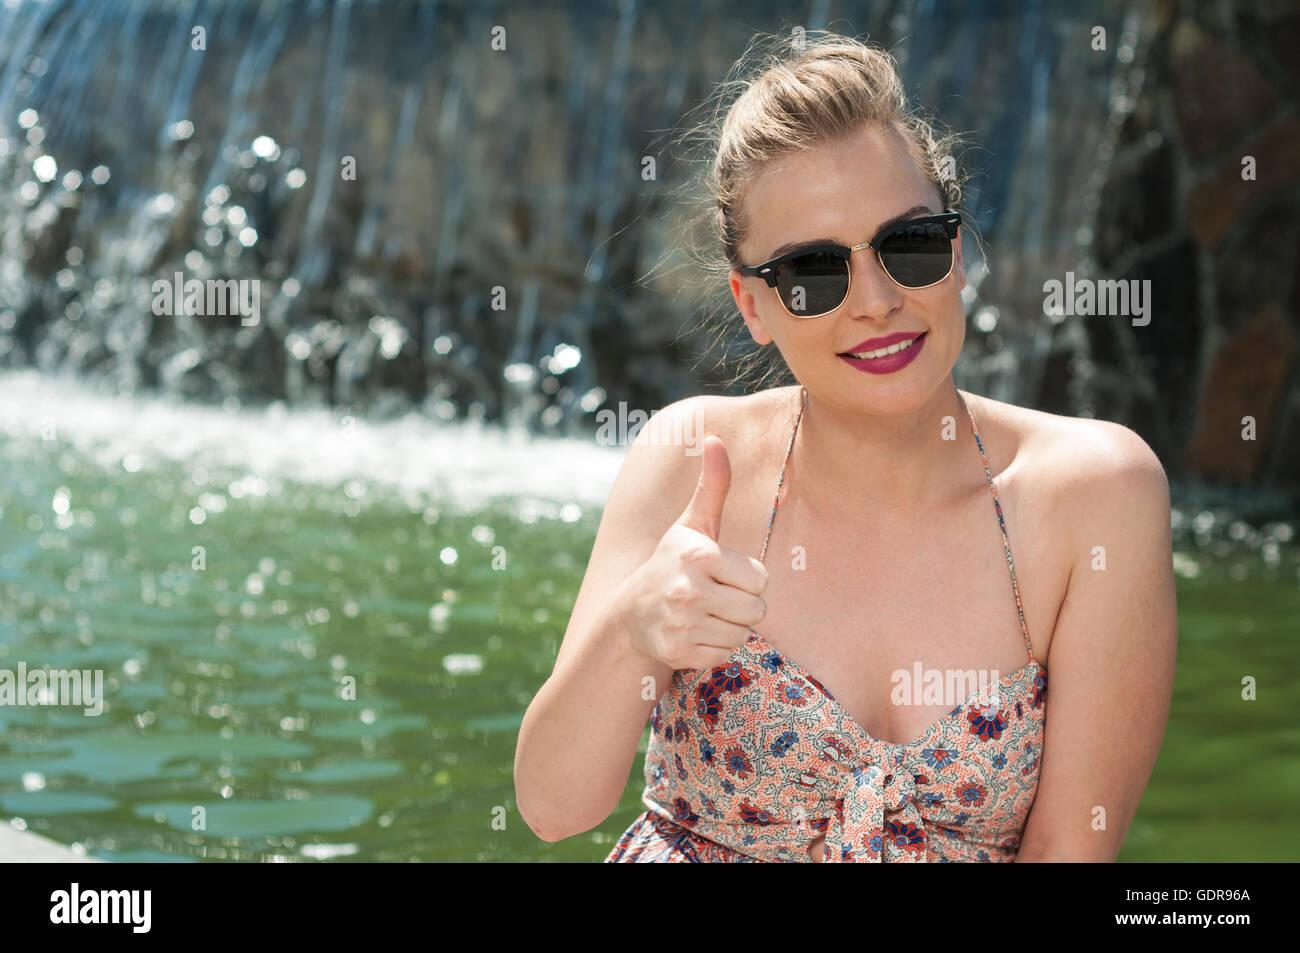 Señora atractiva usando tonos mostrando pulgar arriba gesto con cascada y copiar texto espacio de fondo Imagen De Stock